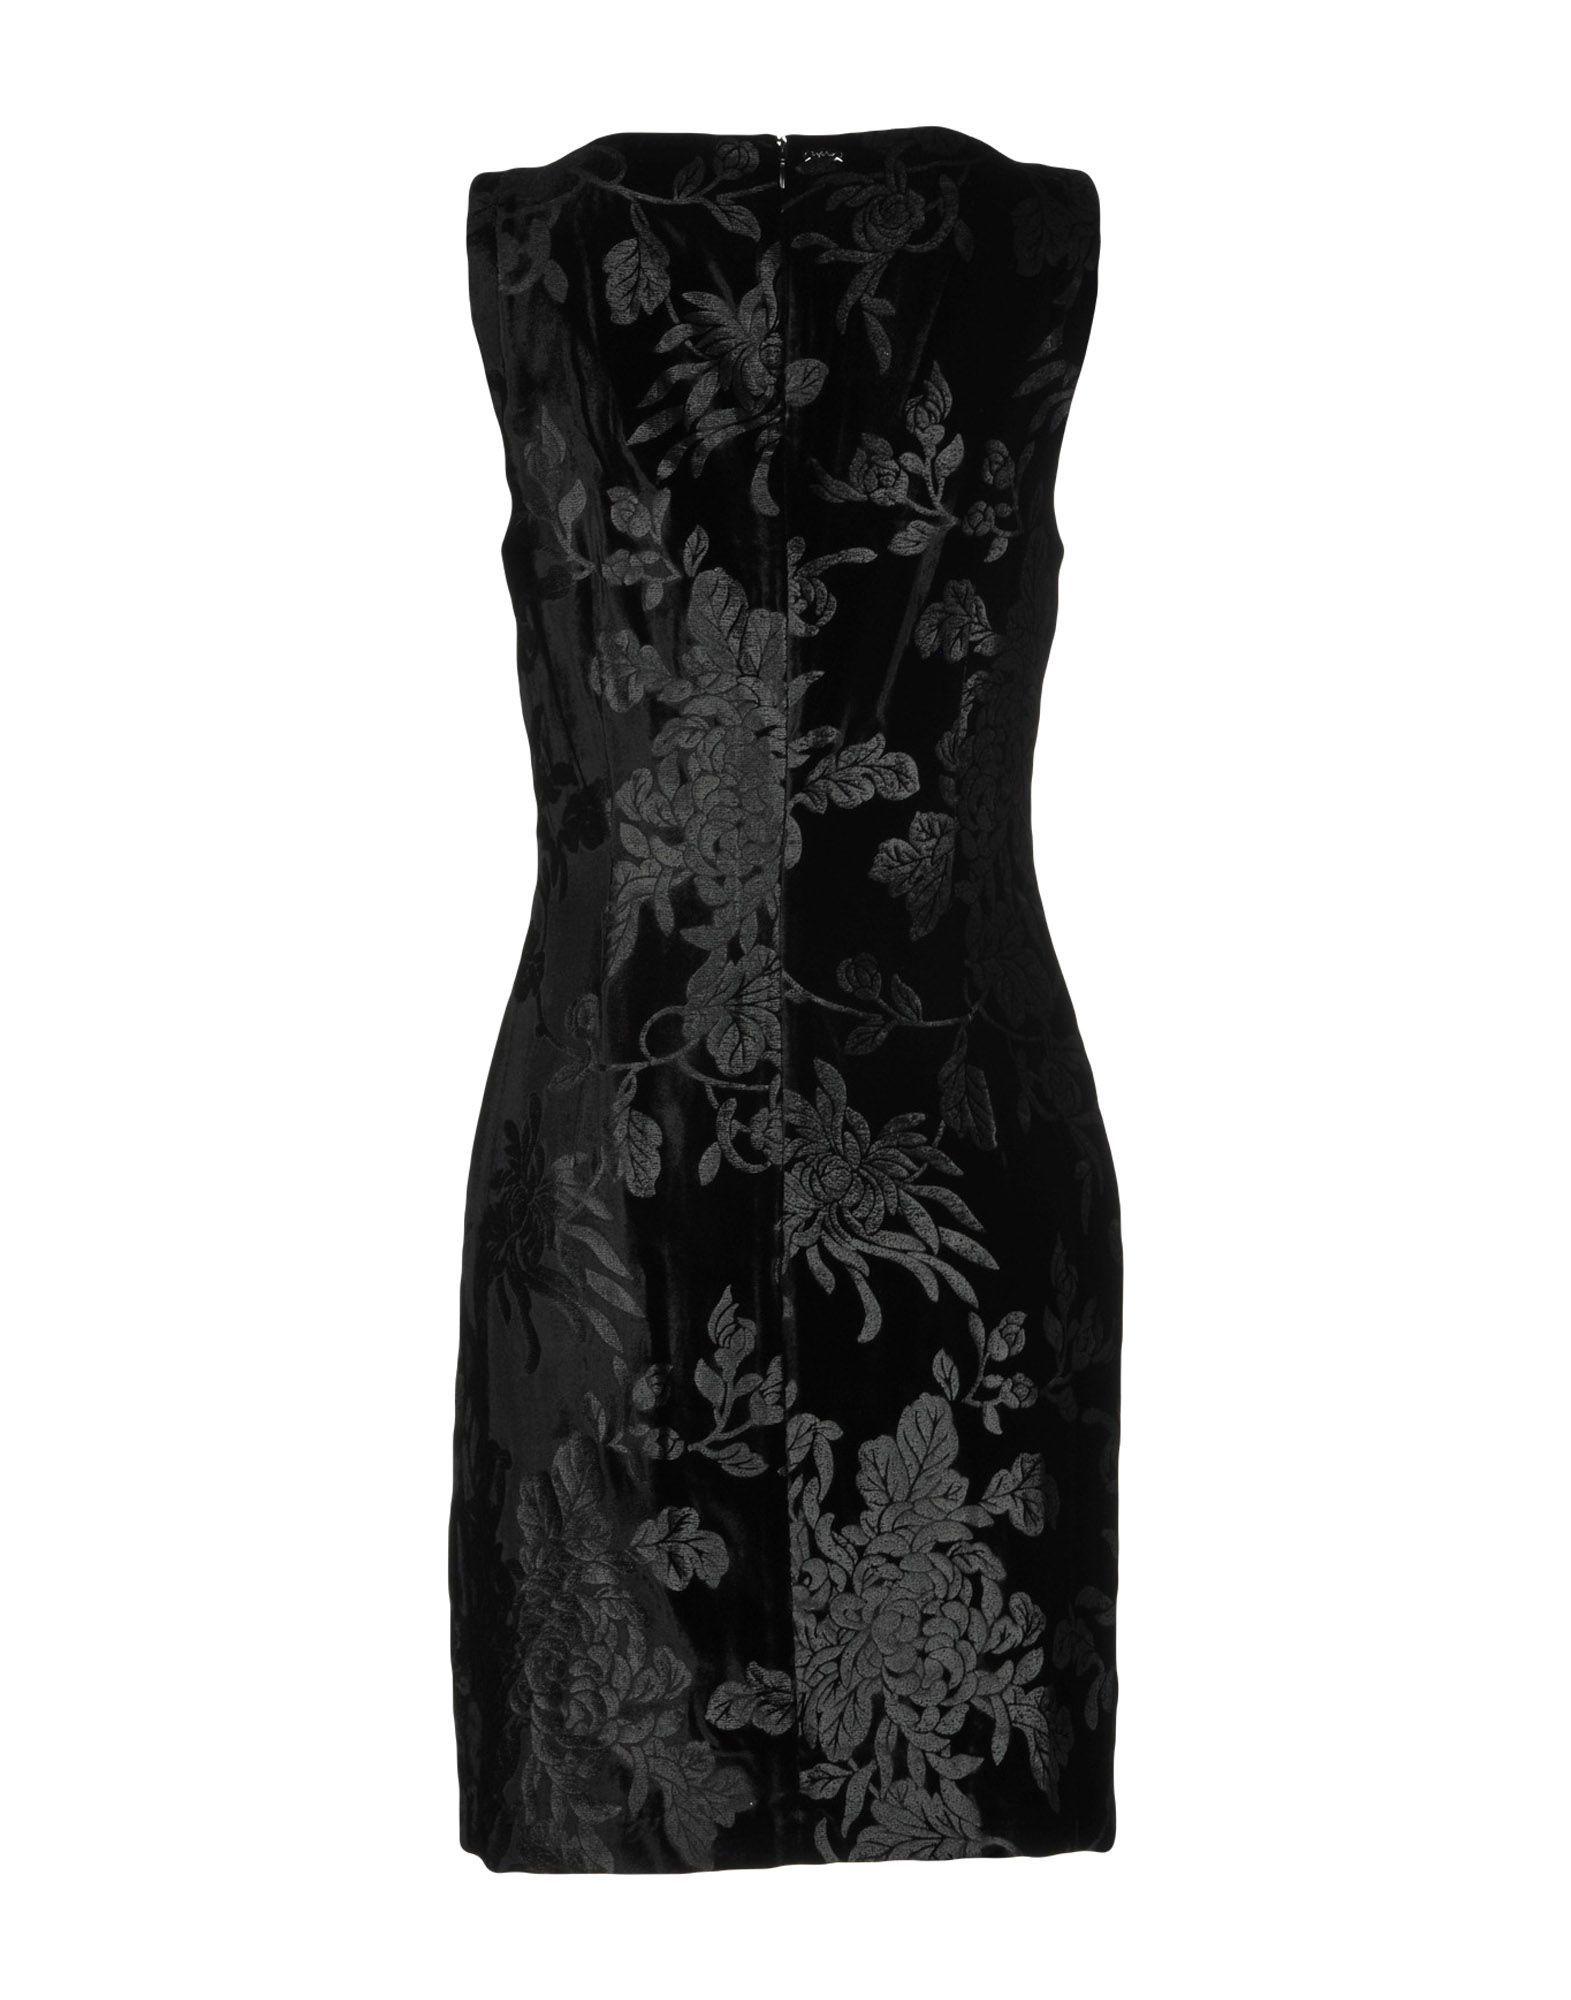 Byblos Black Velvet Sleeveless Dress